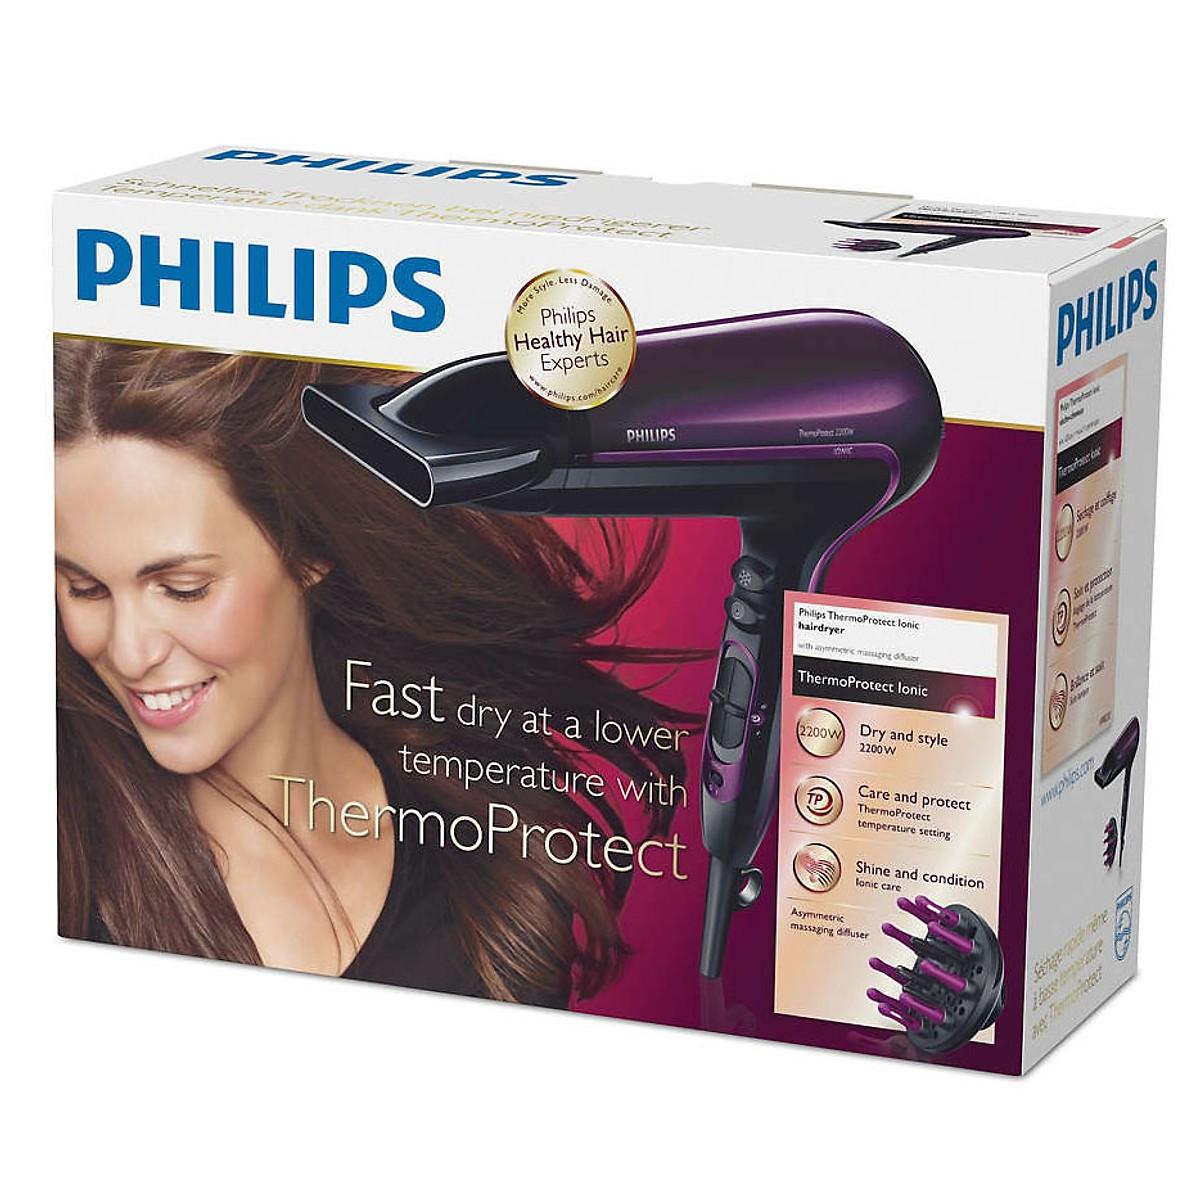 Máy Sấy Tóc Philips HP8233 Chính Hãng + Tặng kèm lược tròn sấy